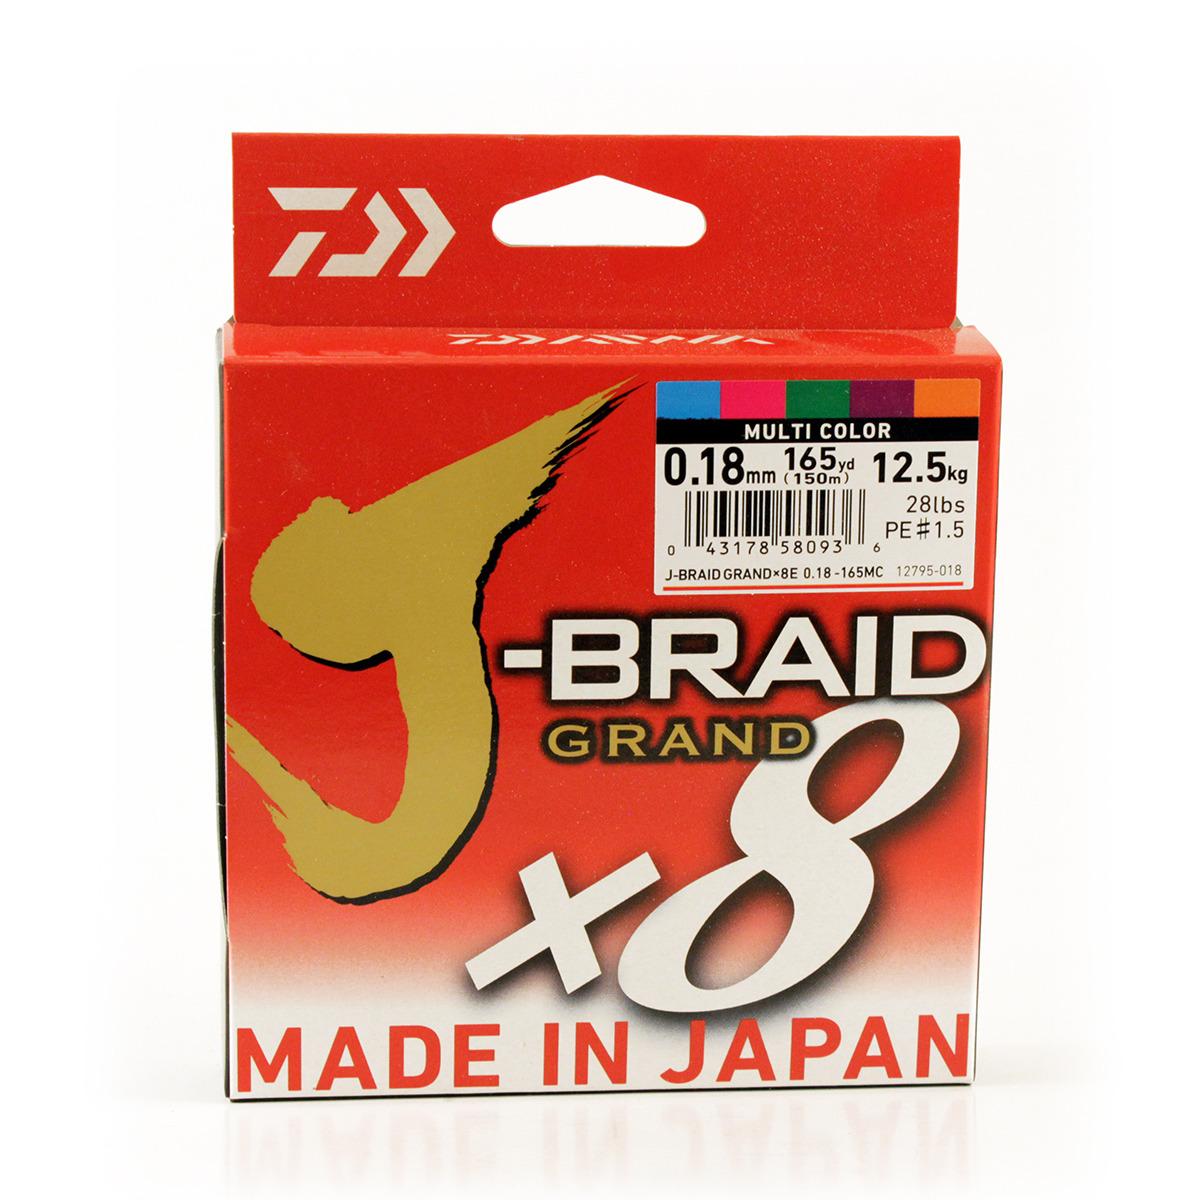 Фото - Плетеный шнур Daiwa J-Braid Grand X8, 69587, мультиколор, 150 м, 0,18 мм шнур плетеный daiwa j braid x8 цвет мультиколор 150 м 0 16 мм